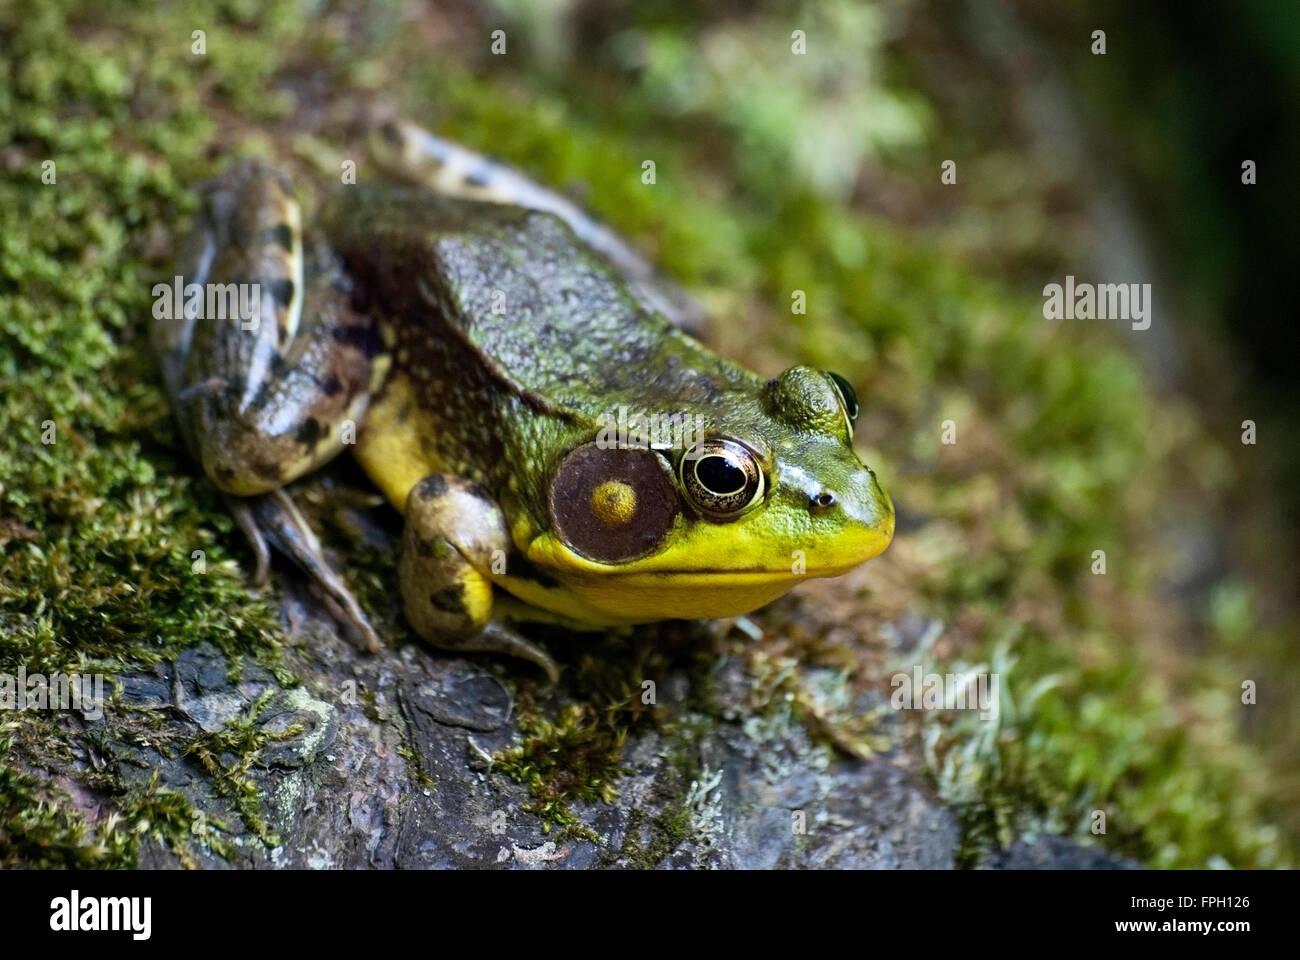 Grüner Frosch sitzt auf s Felsen mit Moos Stockbild